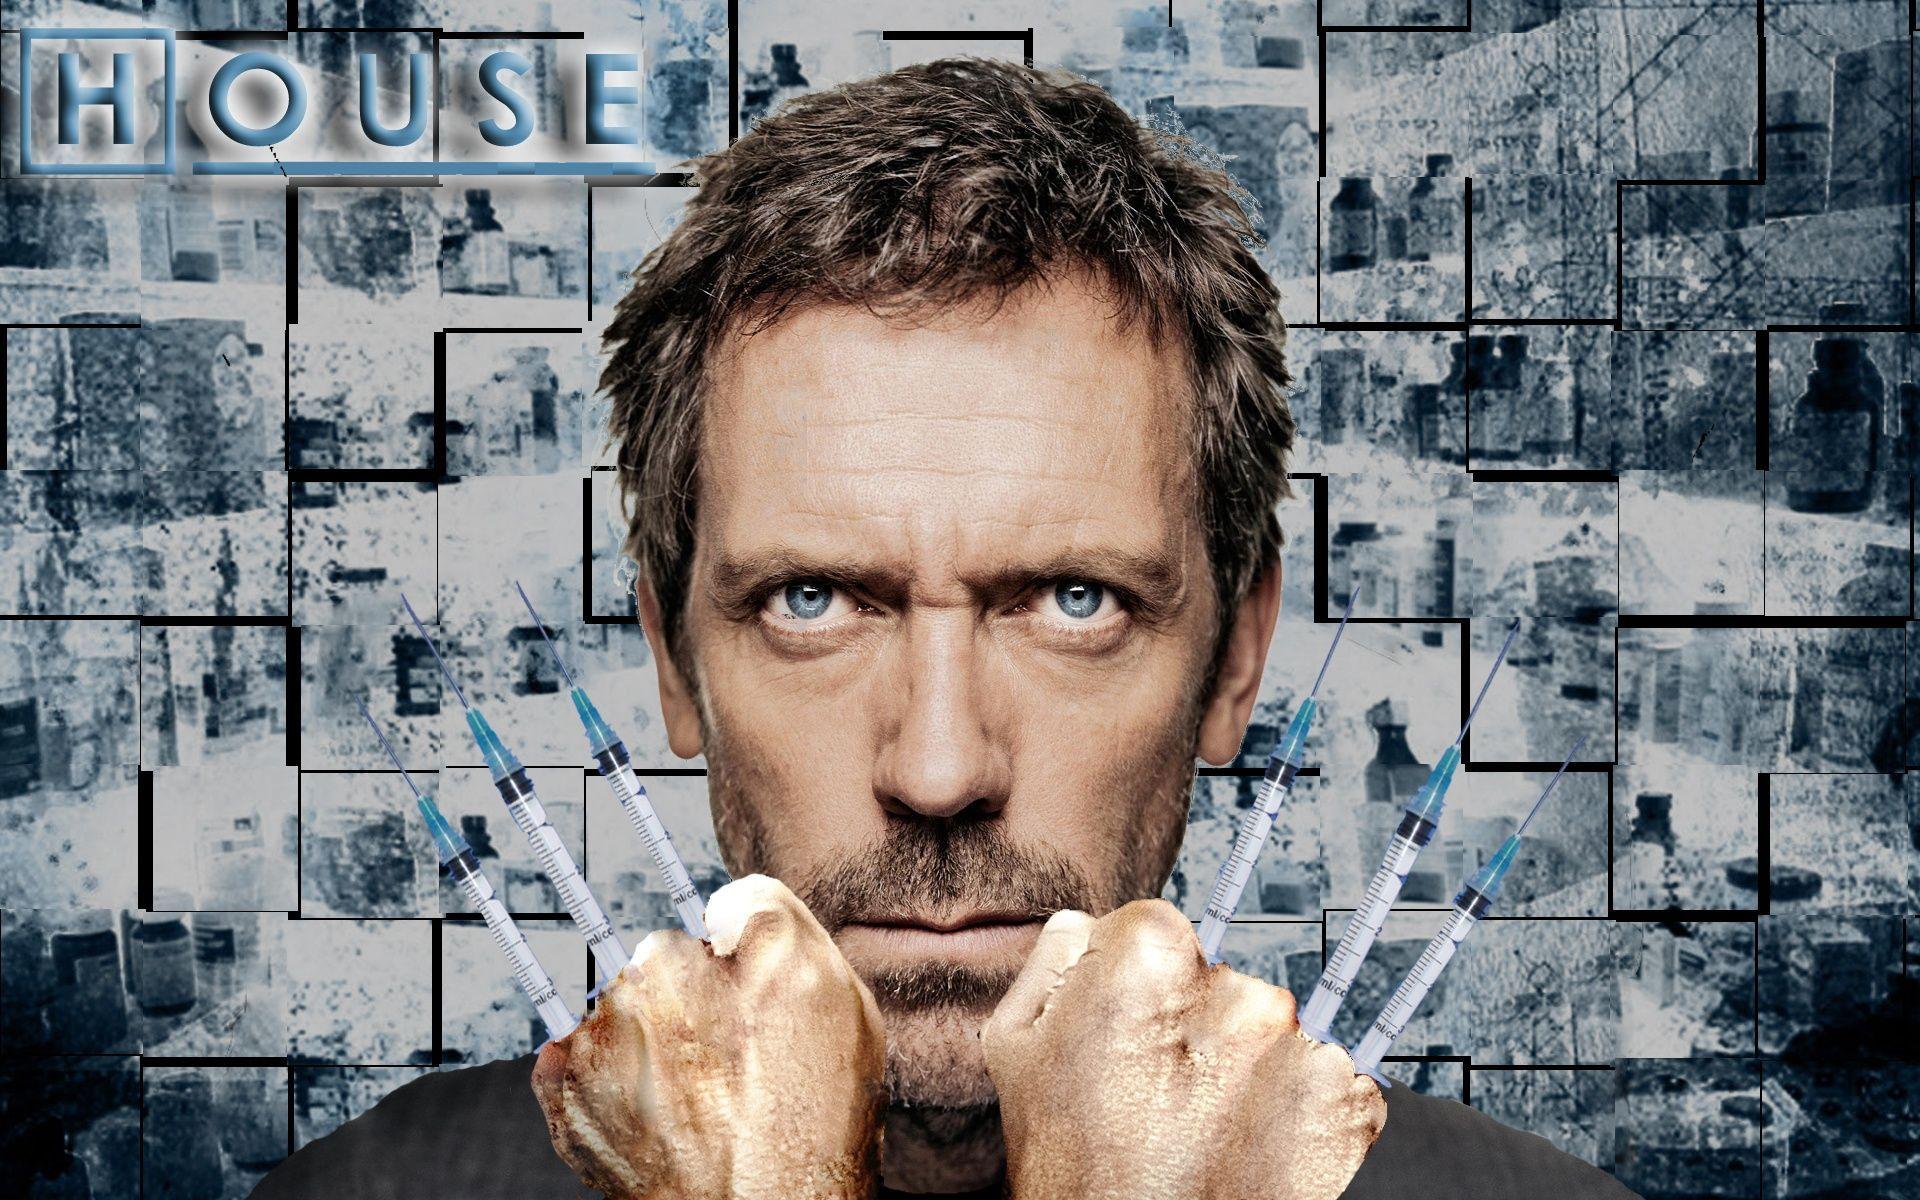 4982 - ¿Cuánto sabes acerca de House MD?